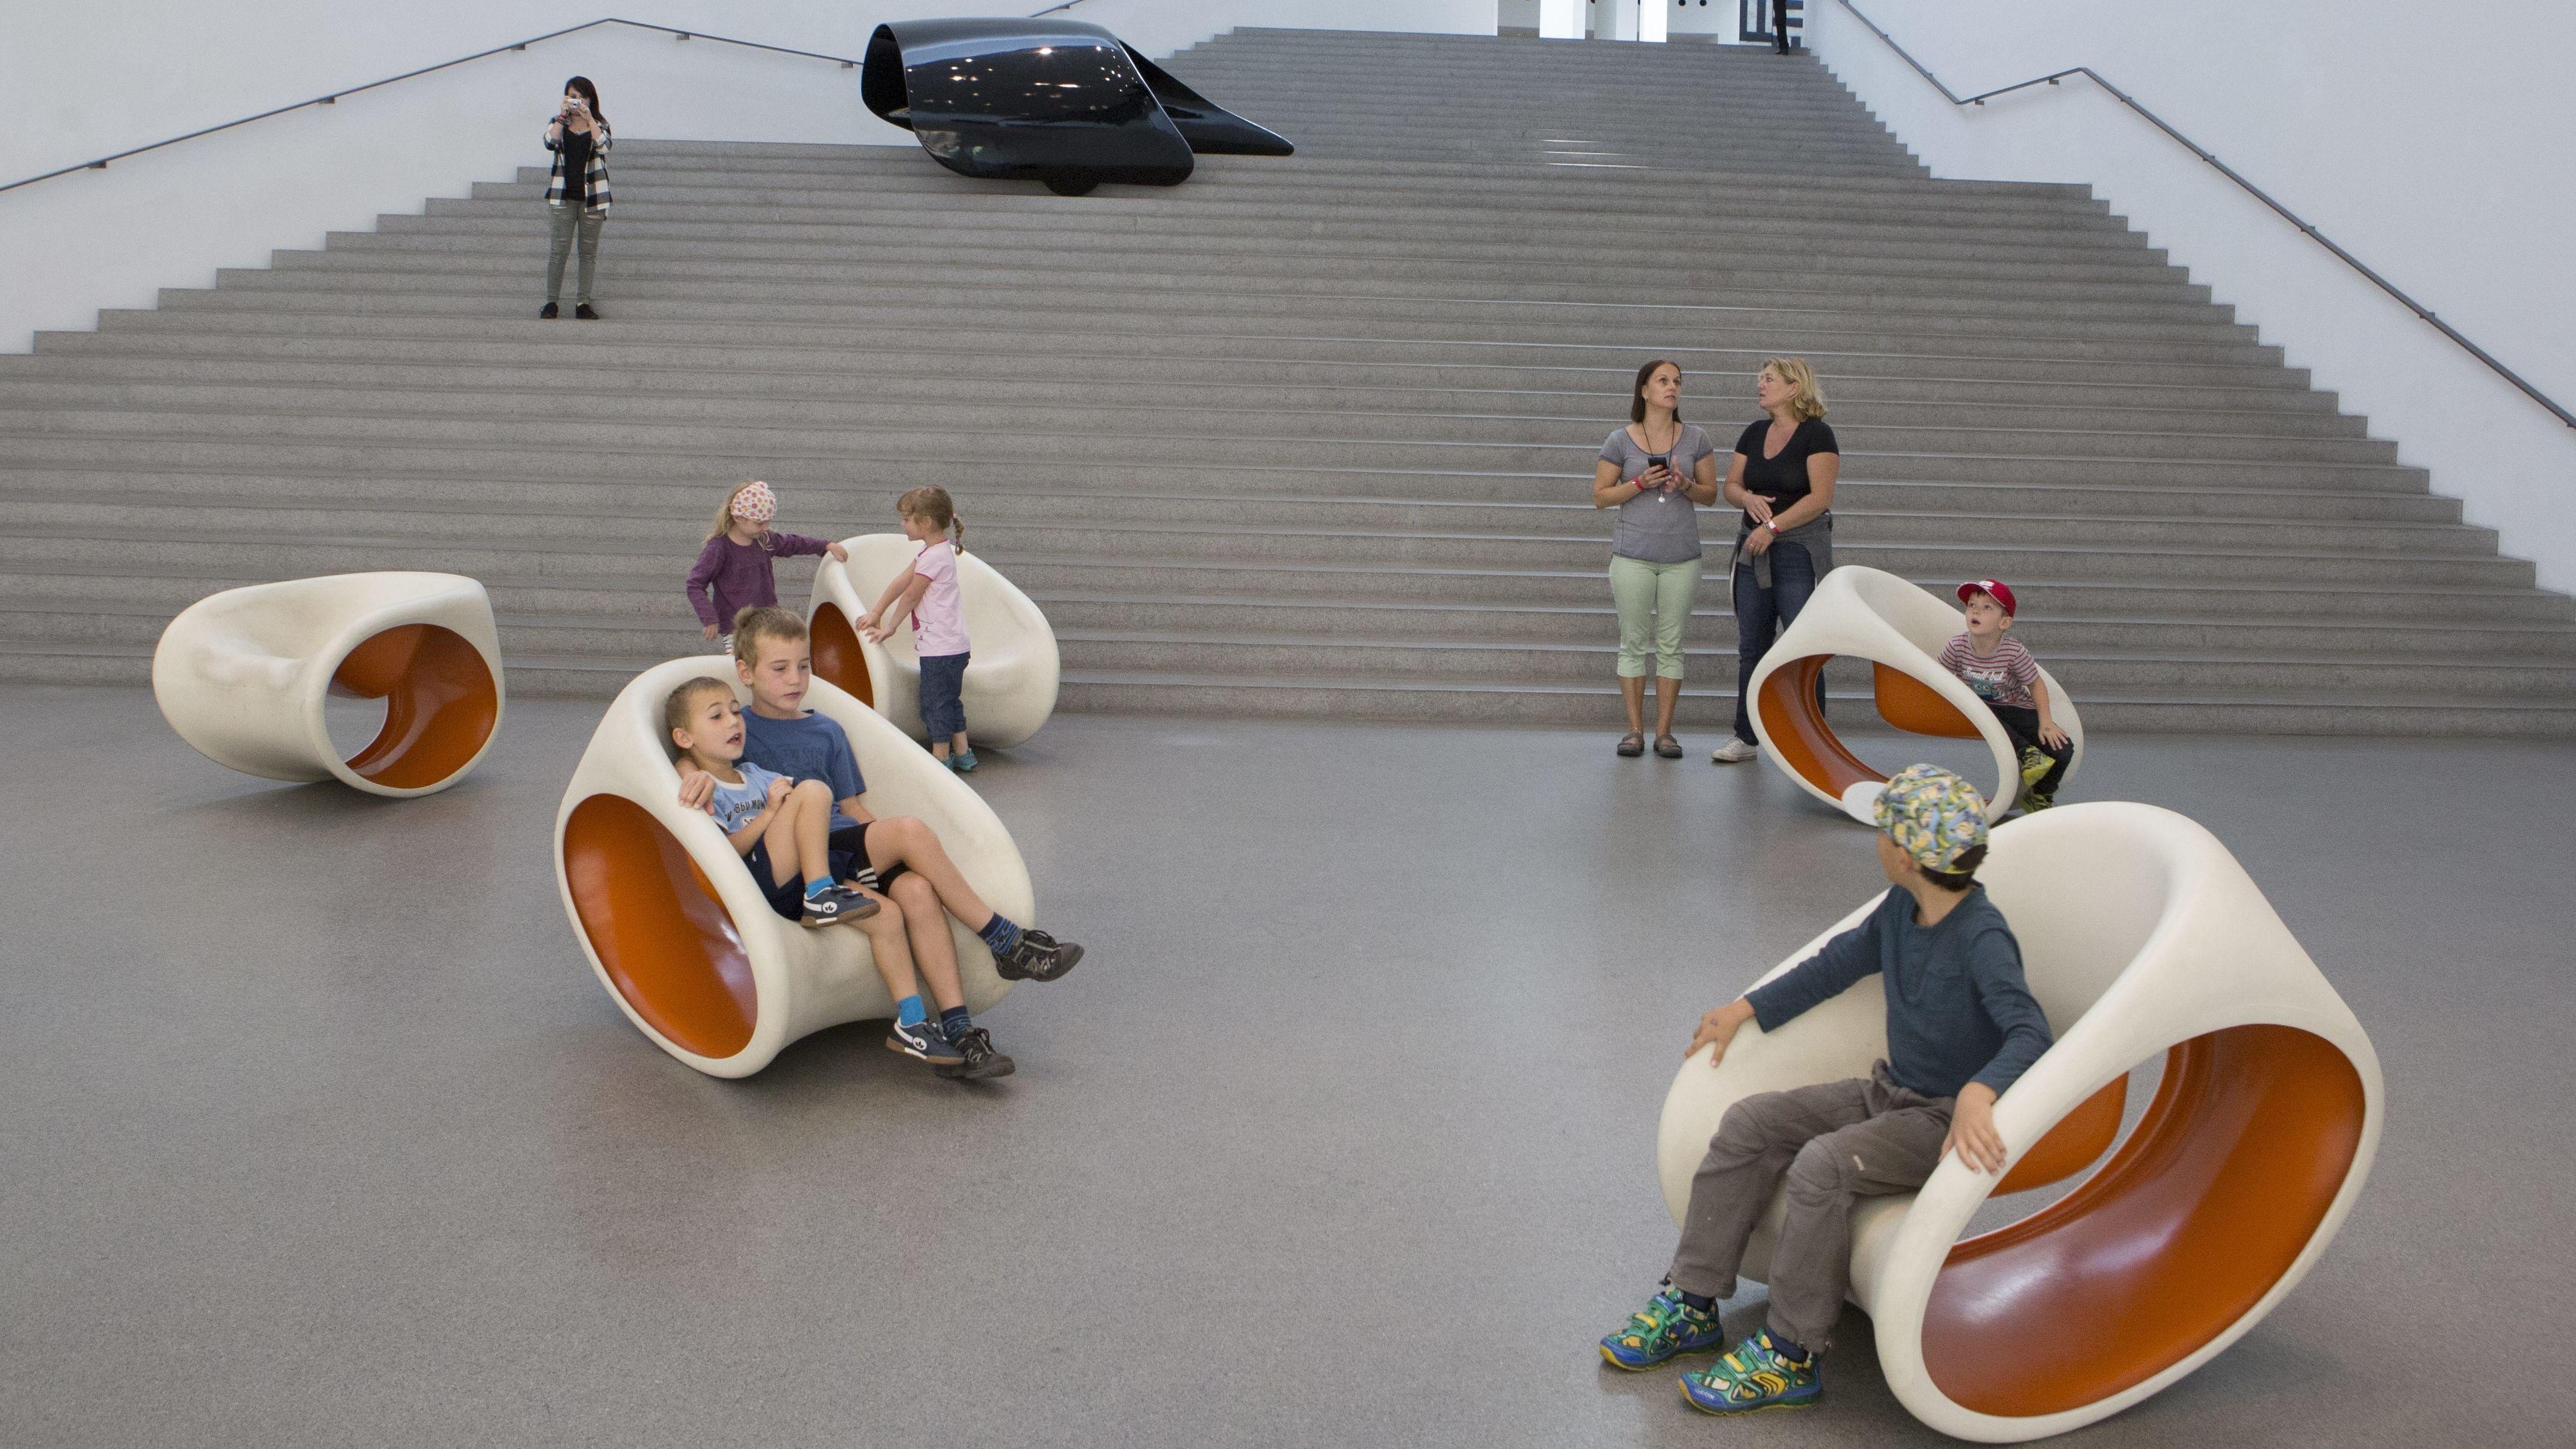 Im Museum Pinakothek der Moderne in München. Luigi Colani und das Teil einer Formstudie für ein flügelartiges Solarmobil (schwarz lackiertes Karbon) und junge Ausstellungsbesucher.